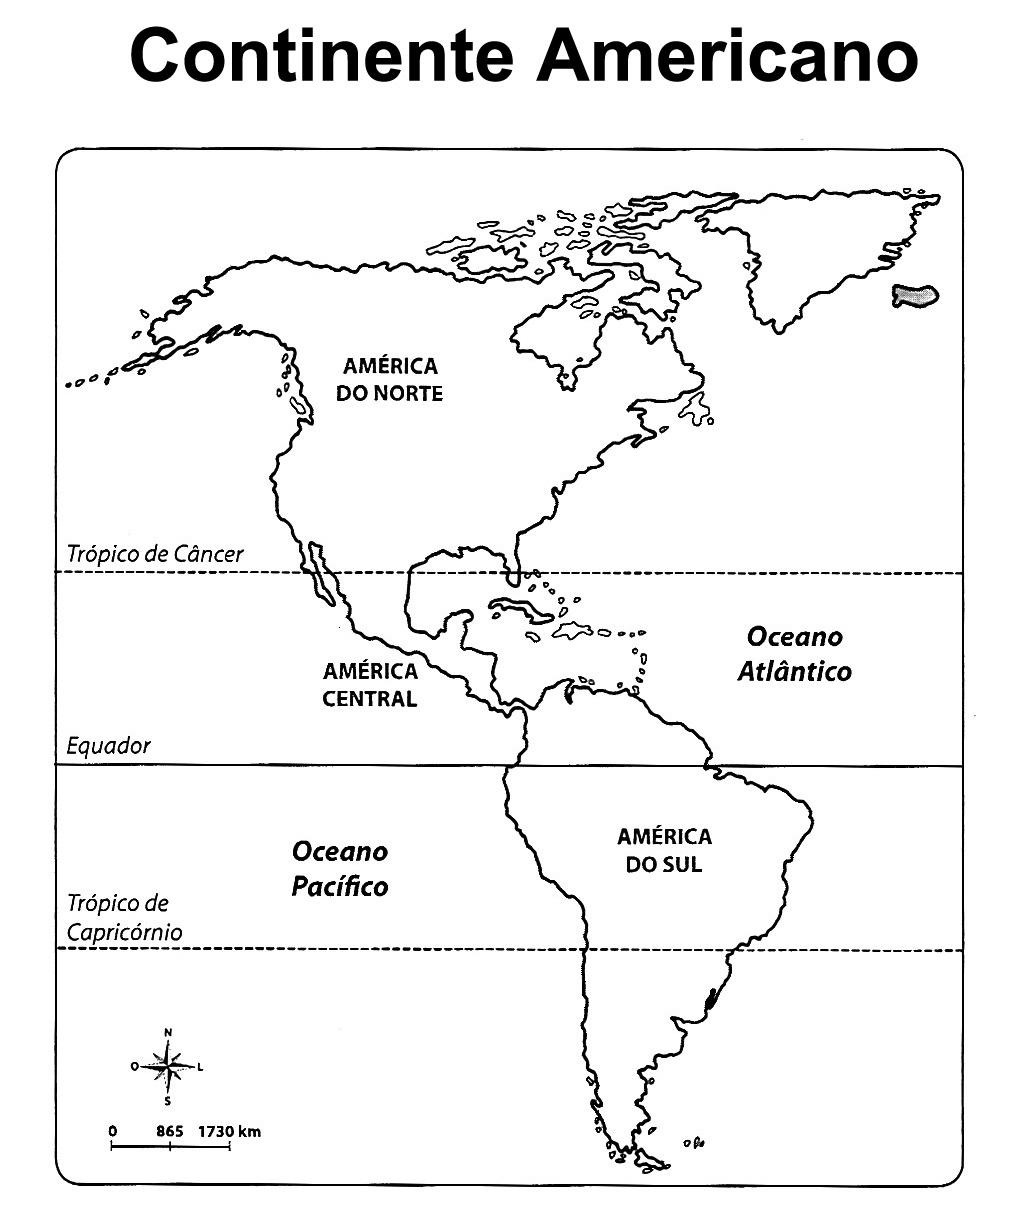 Pedaggiccos Mapa Continente Americano